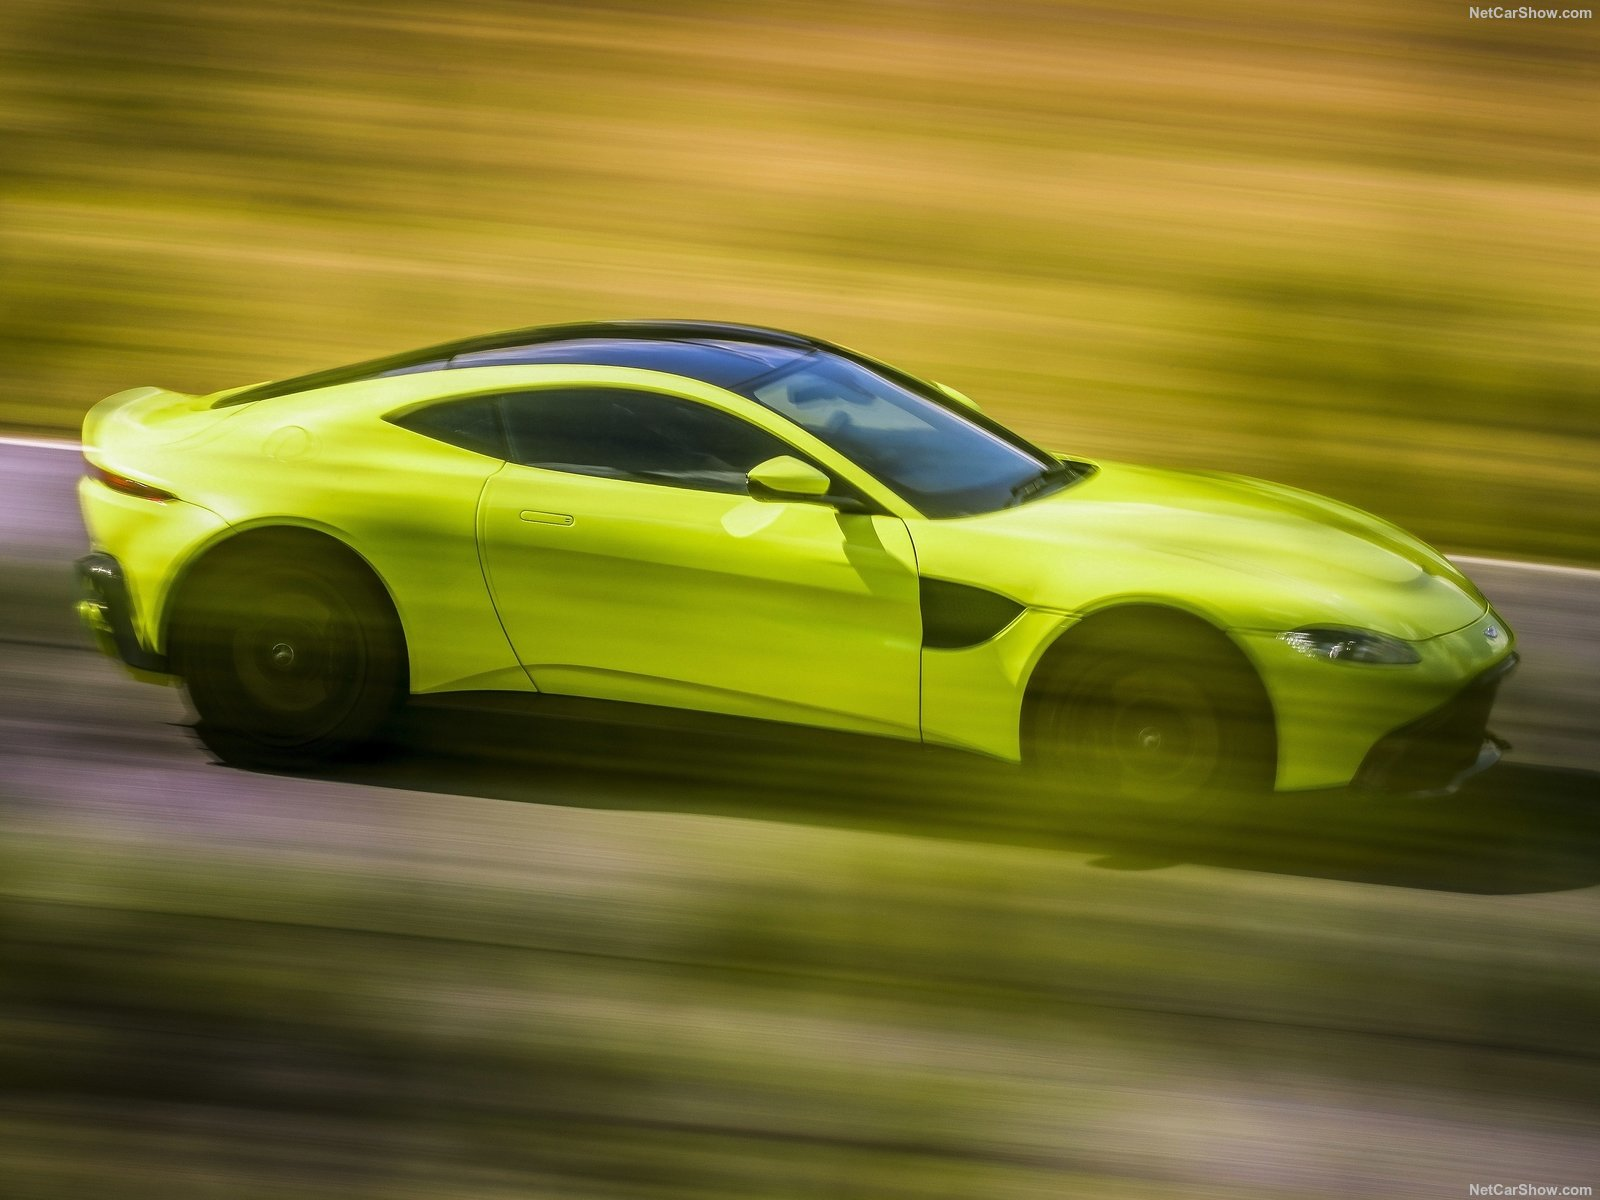 Aston martin Vantage 2019